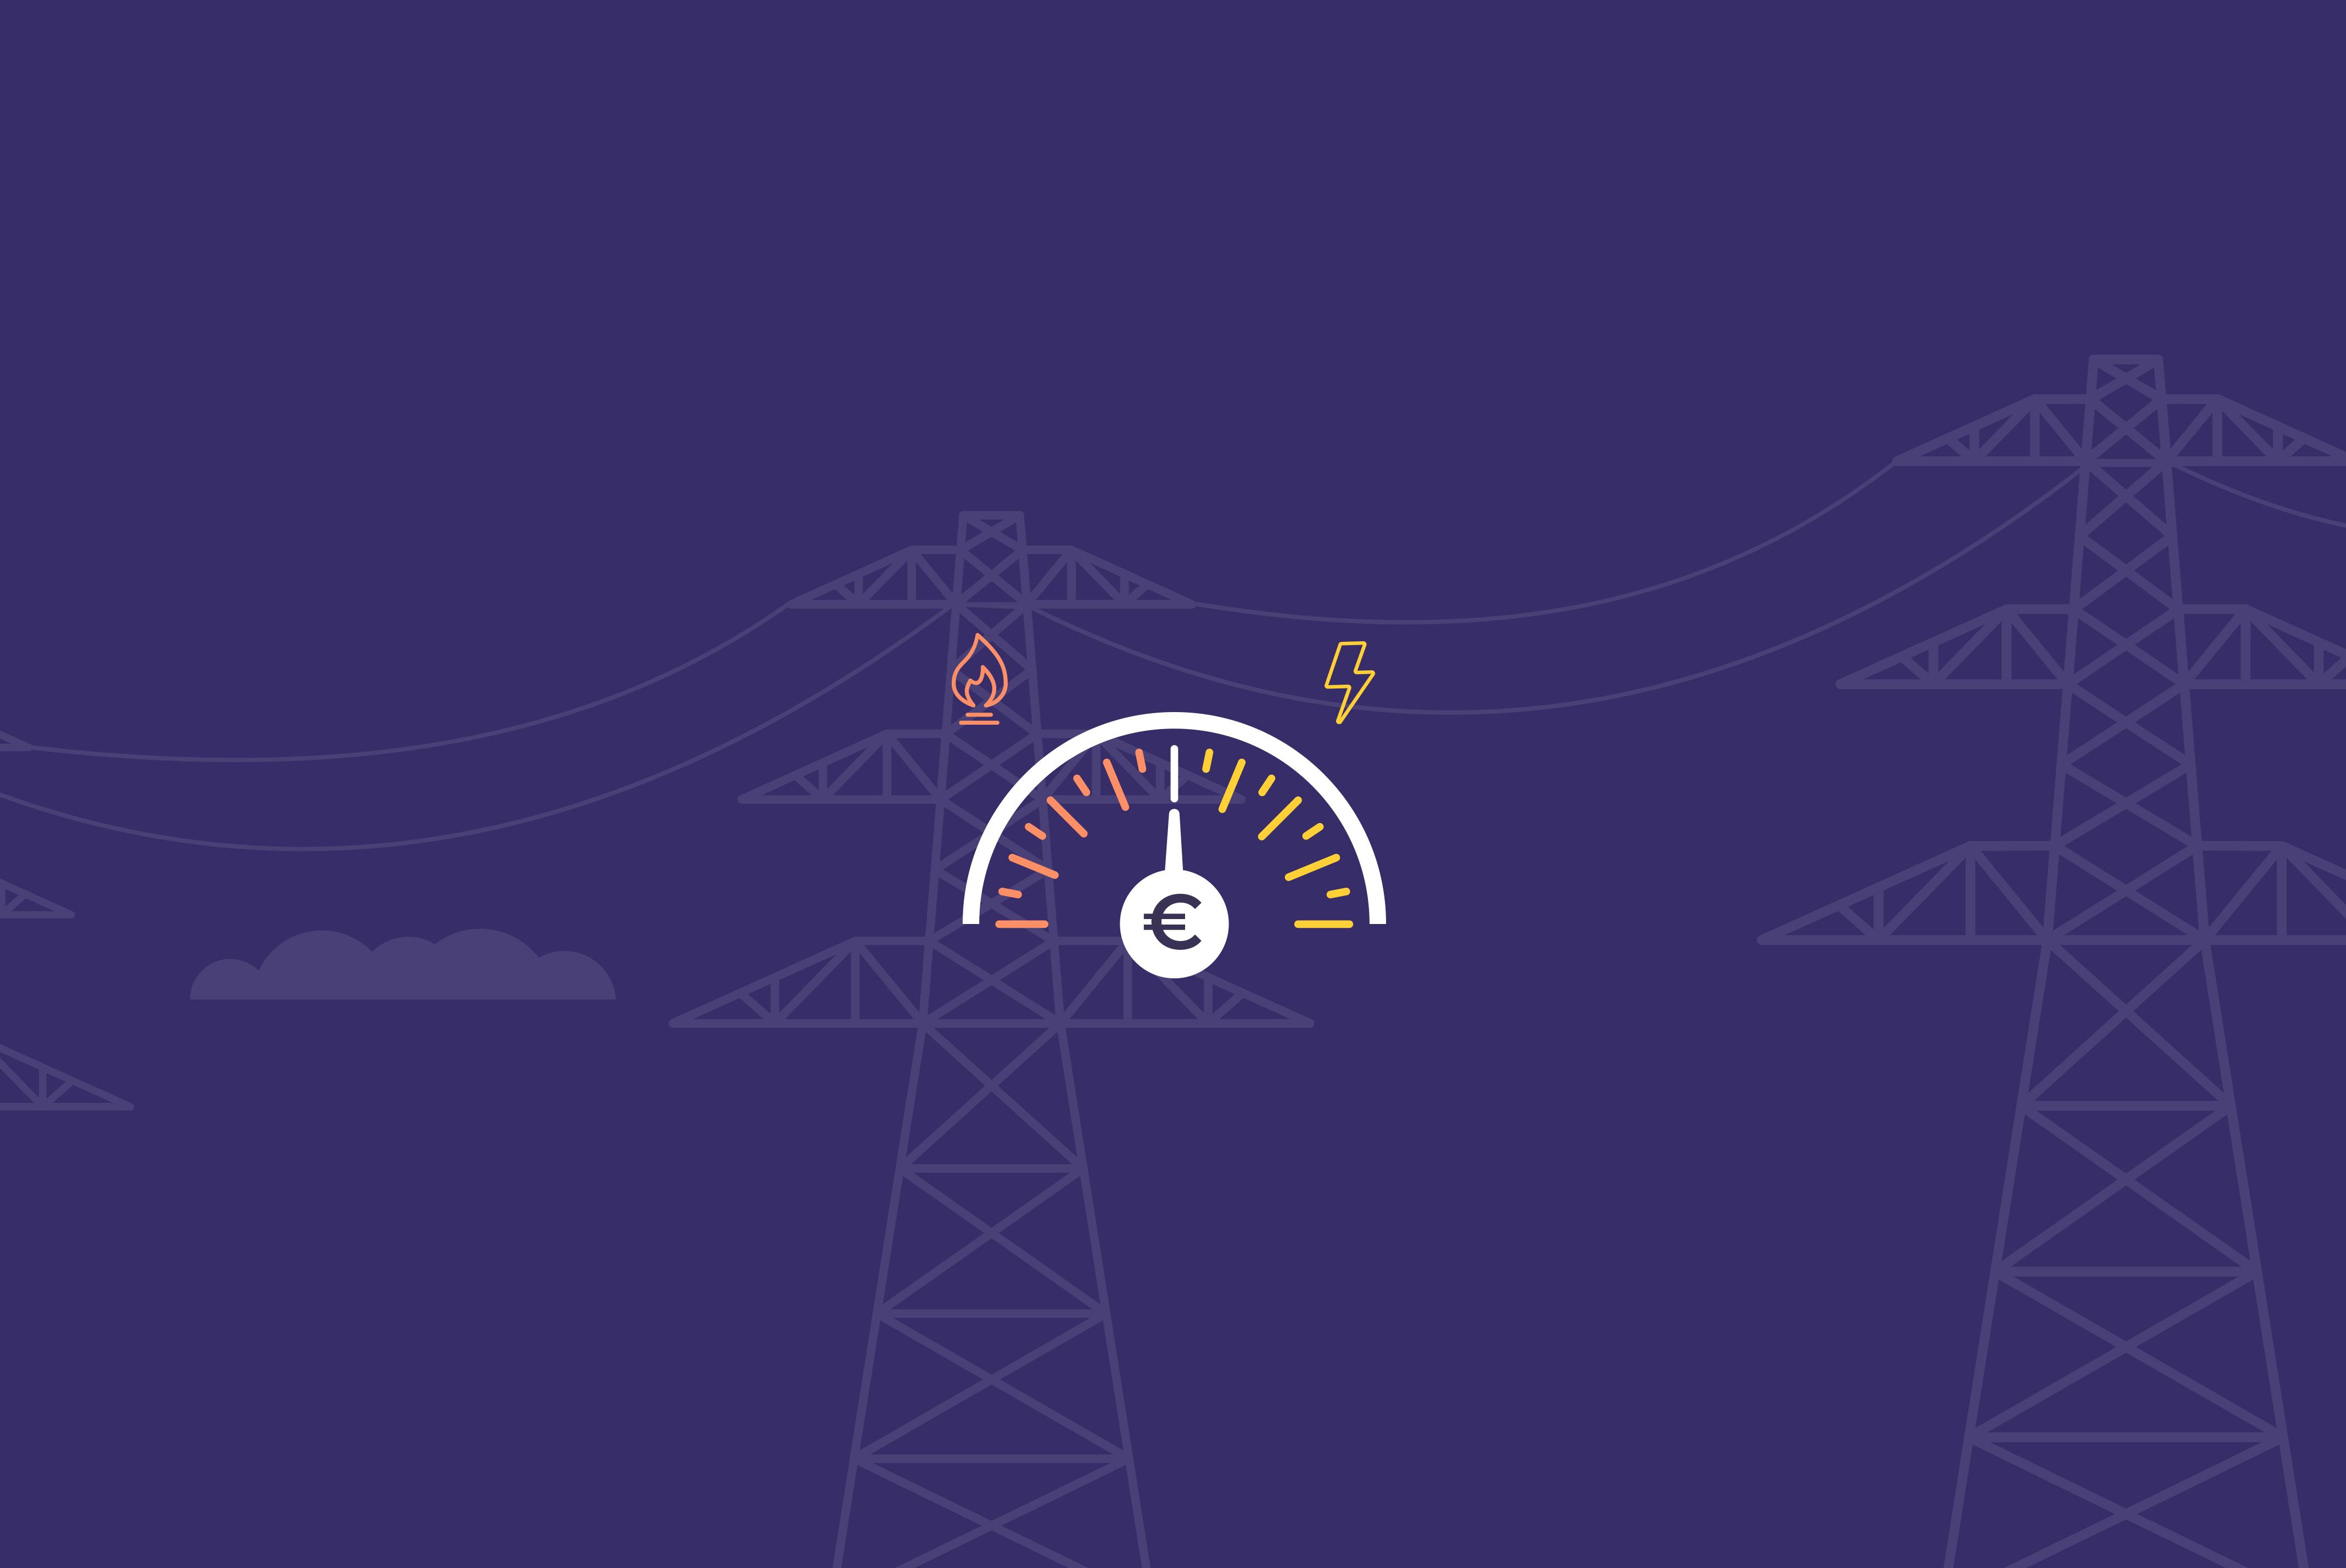 Mon indice énergie, le baromètre mensuel des prix de l'énergie par Mon courtier énergie